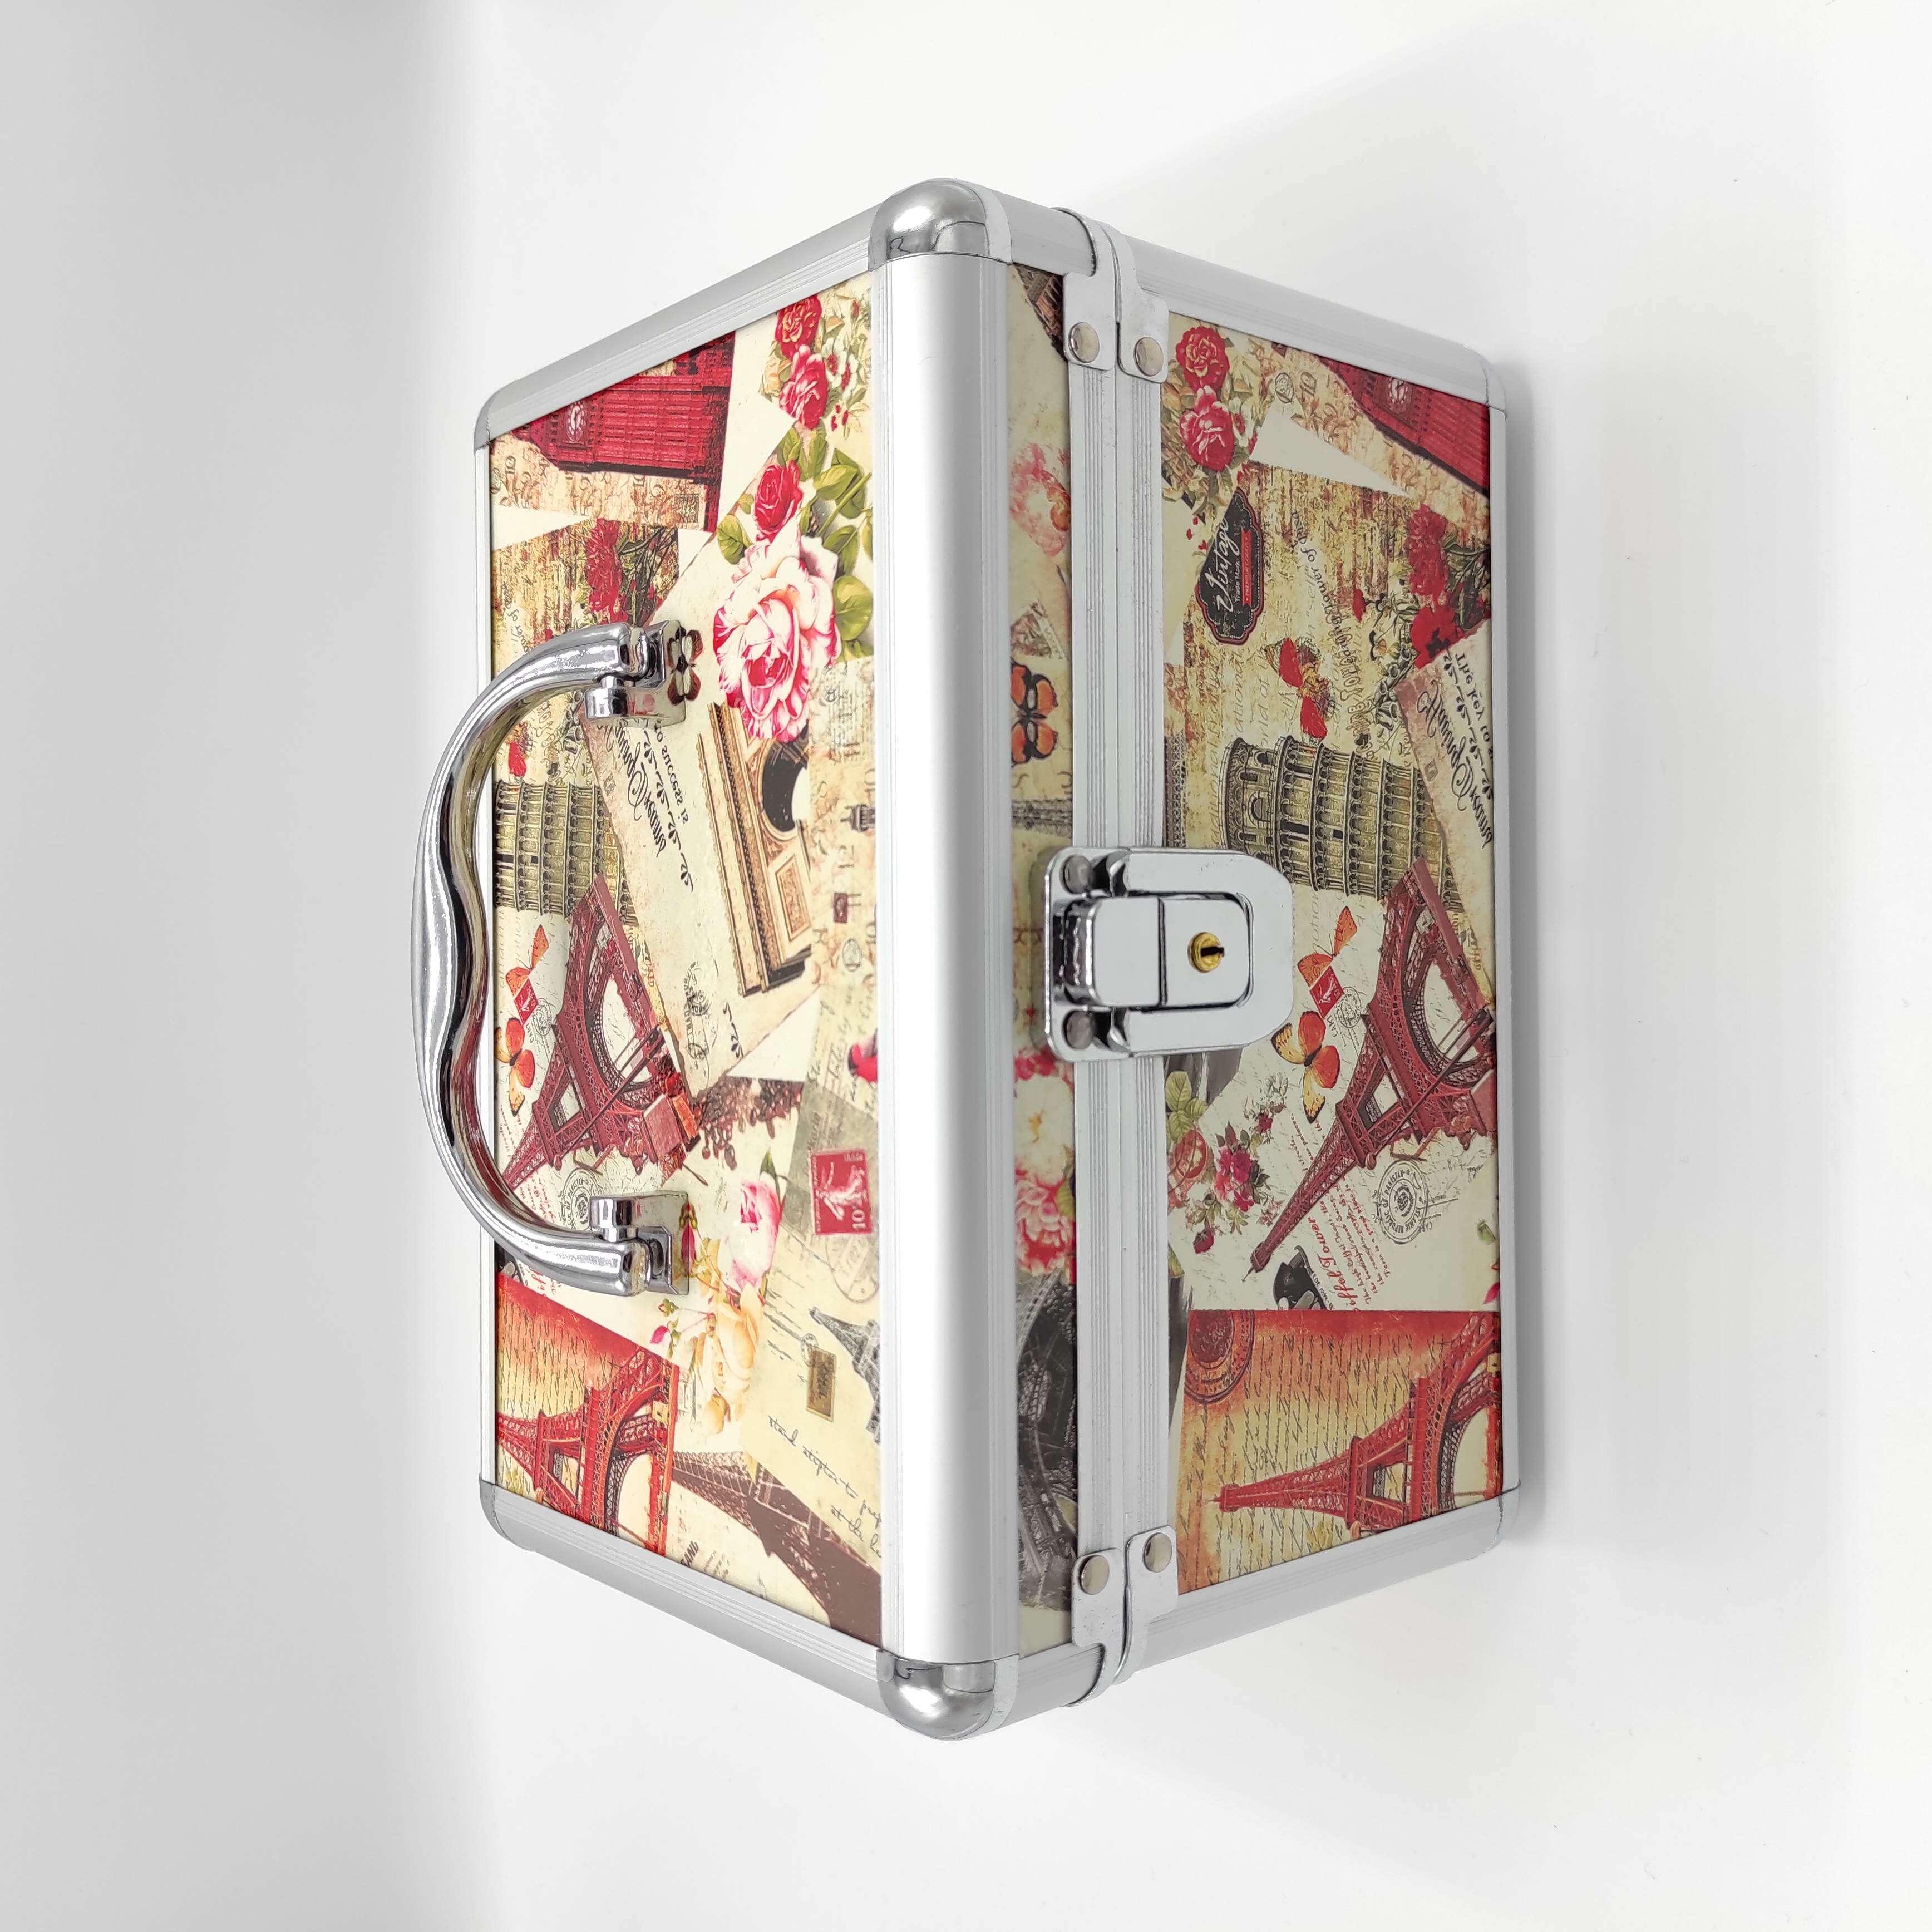 #16 กล่องใส่เครื่องสำอาง 2 ชั้น มีระบบกุญแจ และ ตั้งรหัส กล่องใส่เครื่องสำอาง